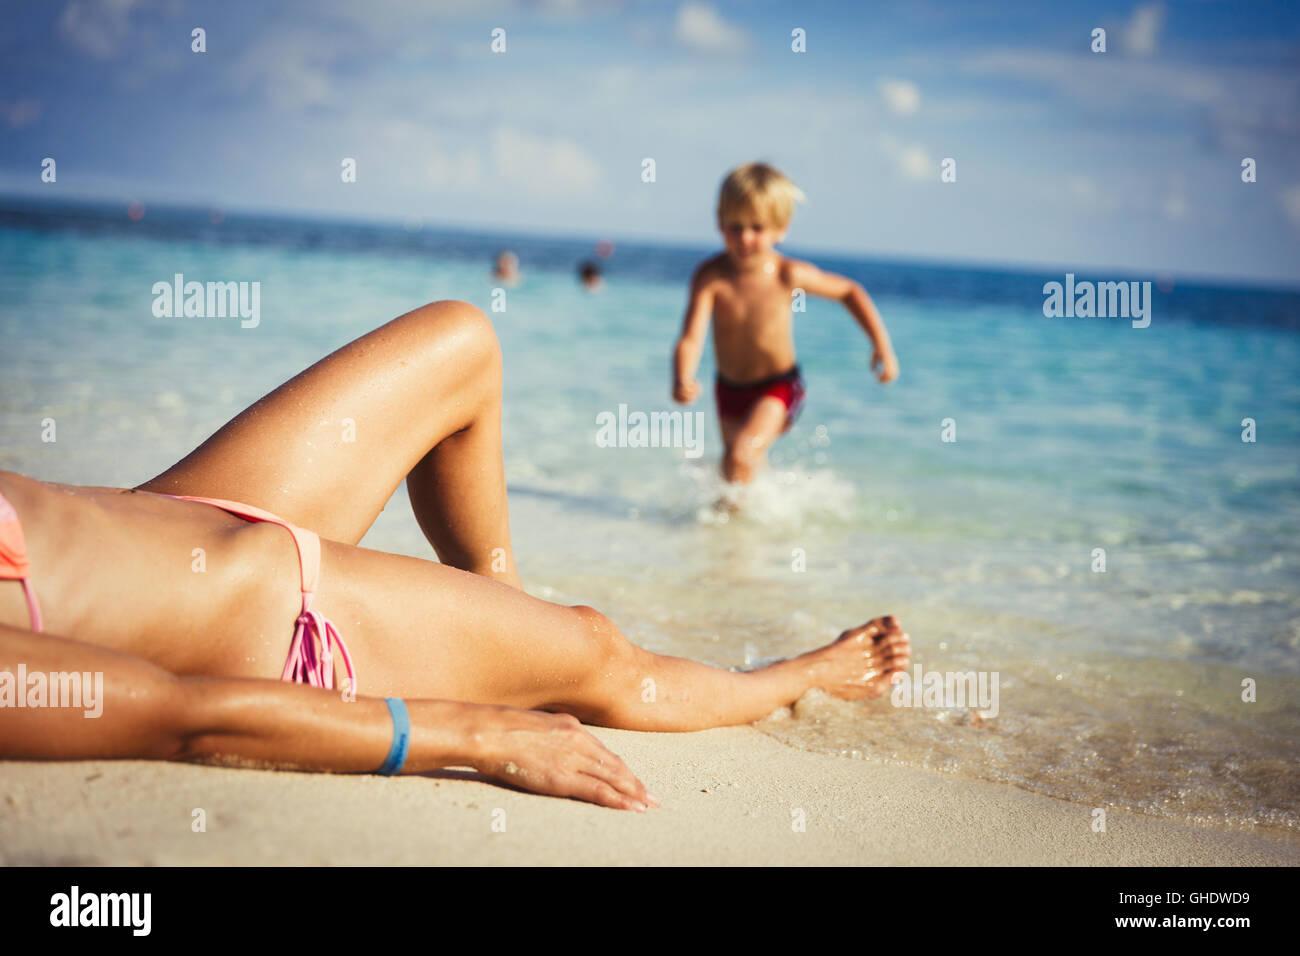 Fils d'exécution vers mère de soleil sur plage tropicale ensoleillée Banque D'Images